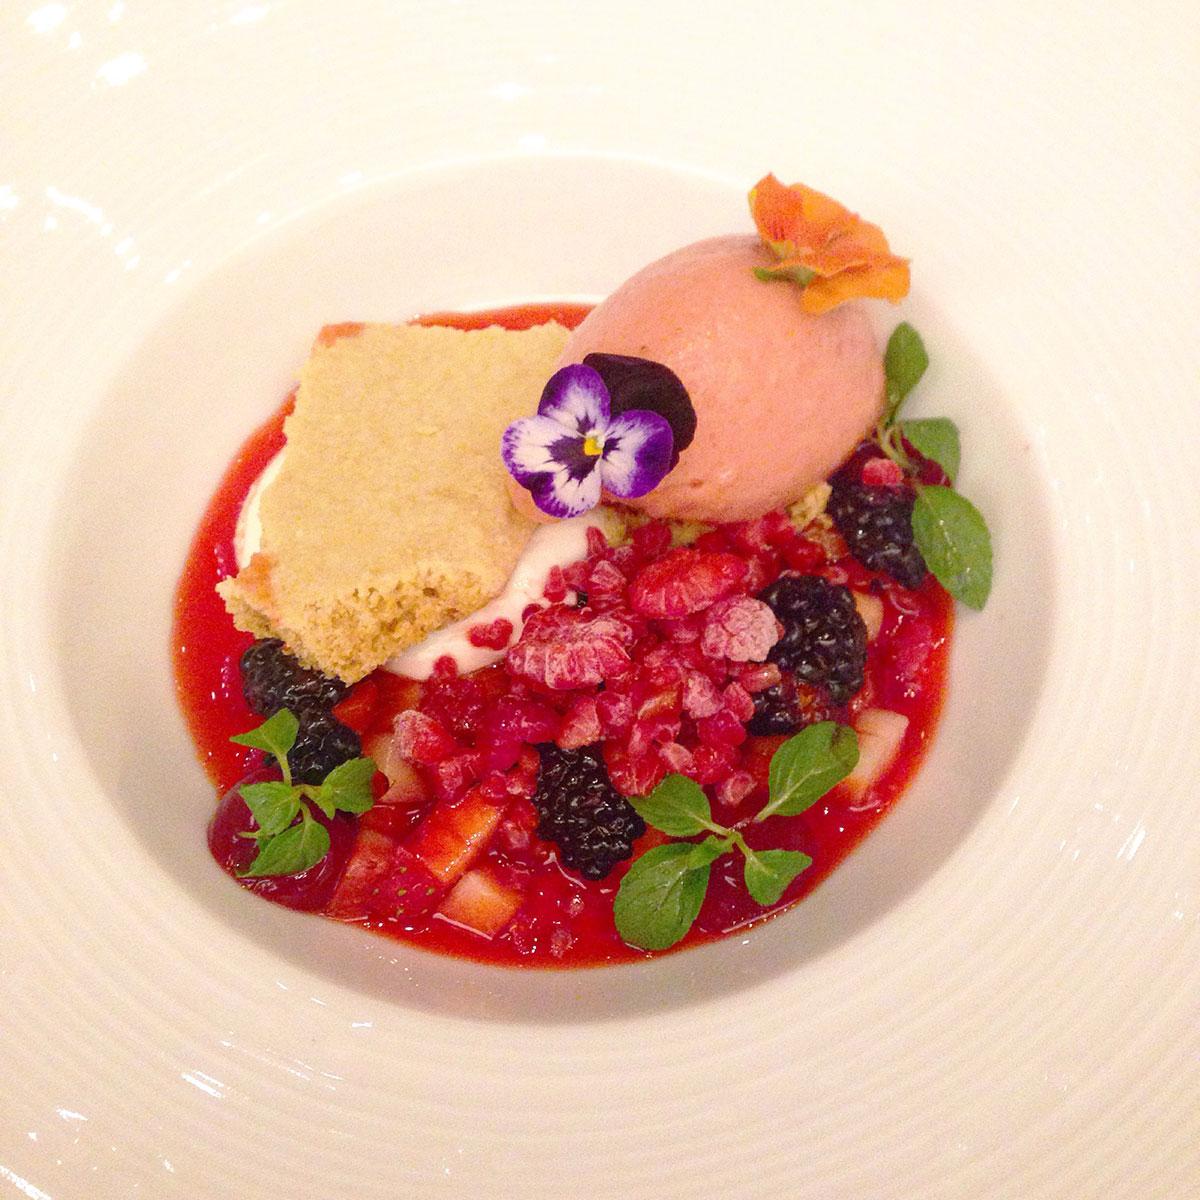 Caviar-Russe-Miami-Panna-cotta-strawberry